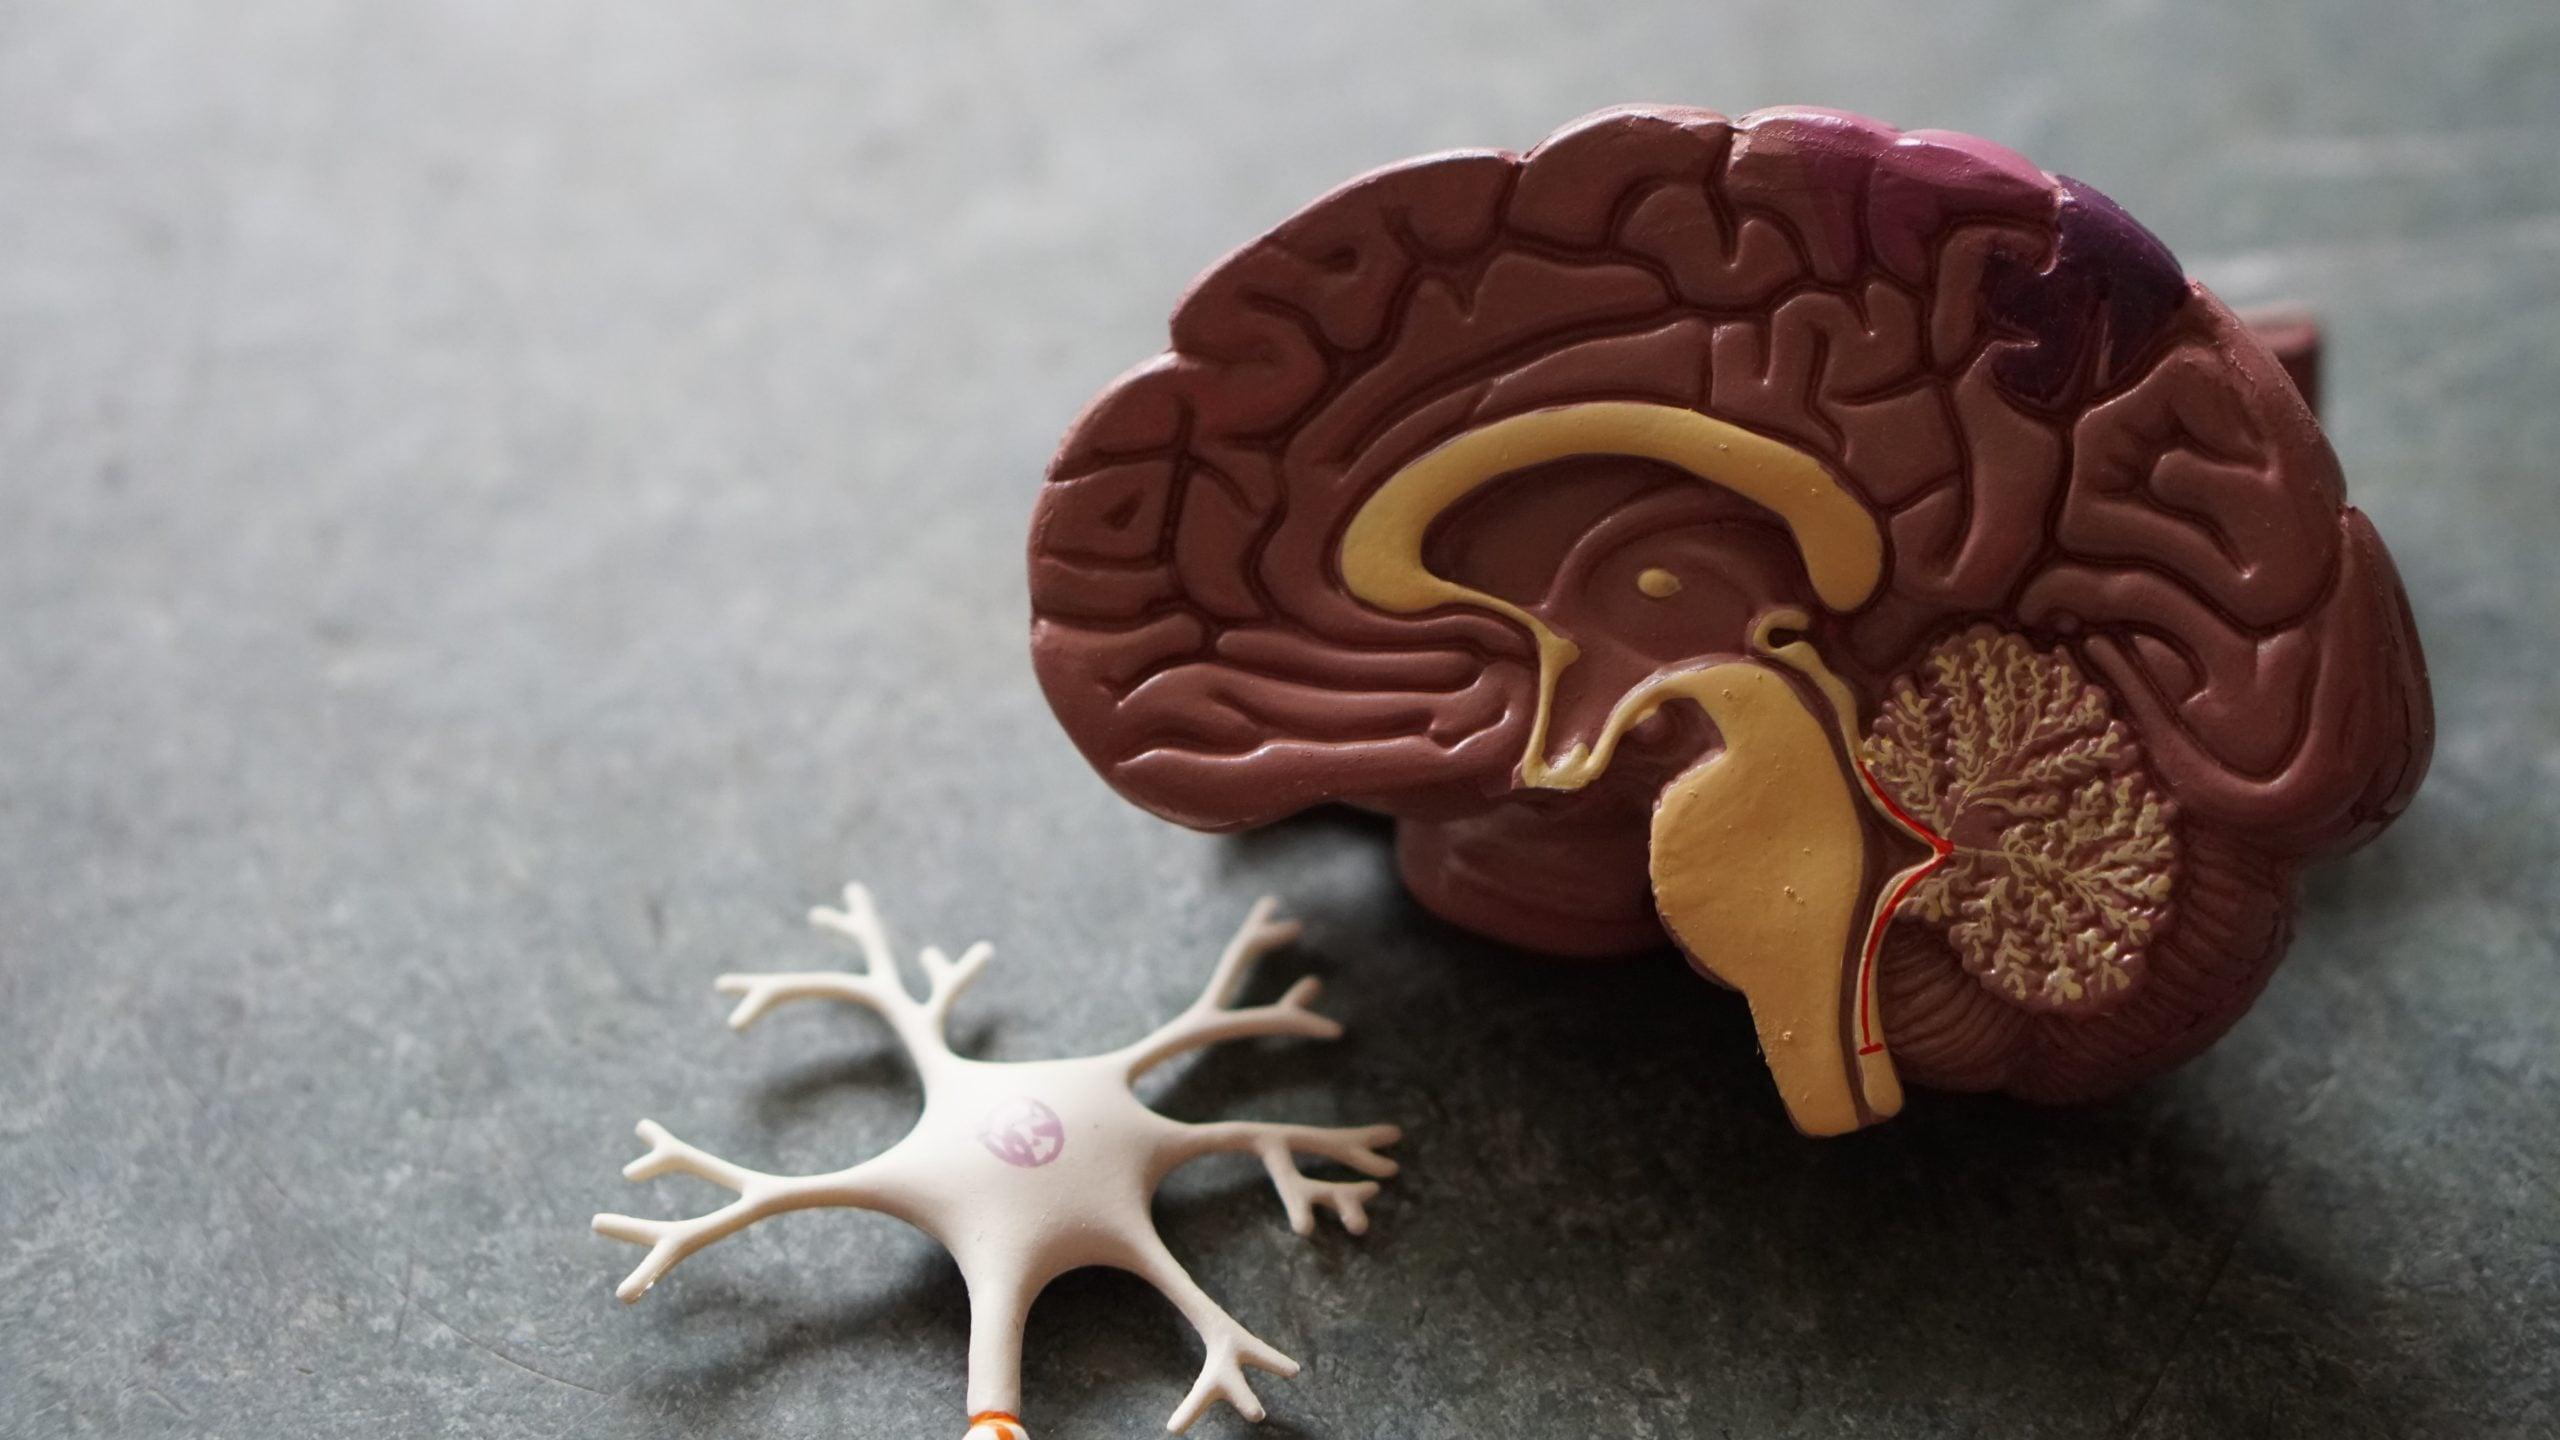 Über die Hypothalamus Funktion steuern Hormone dein Gewicht im Gehirn